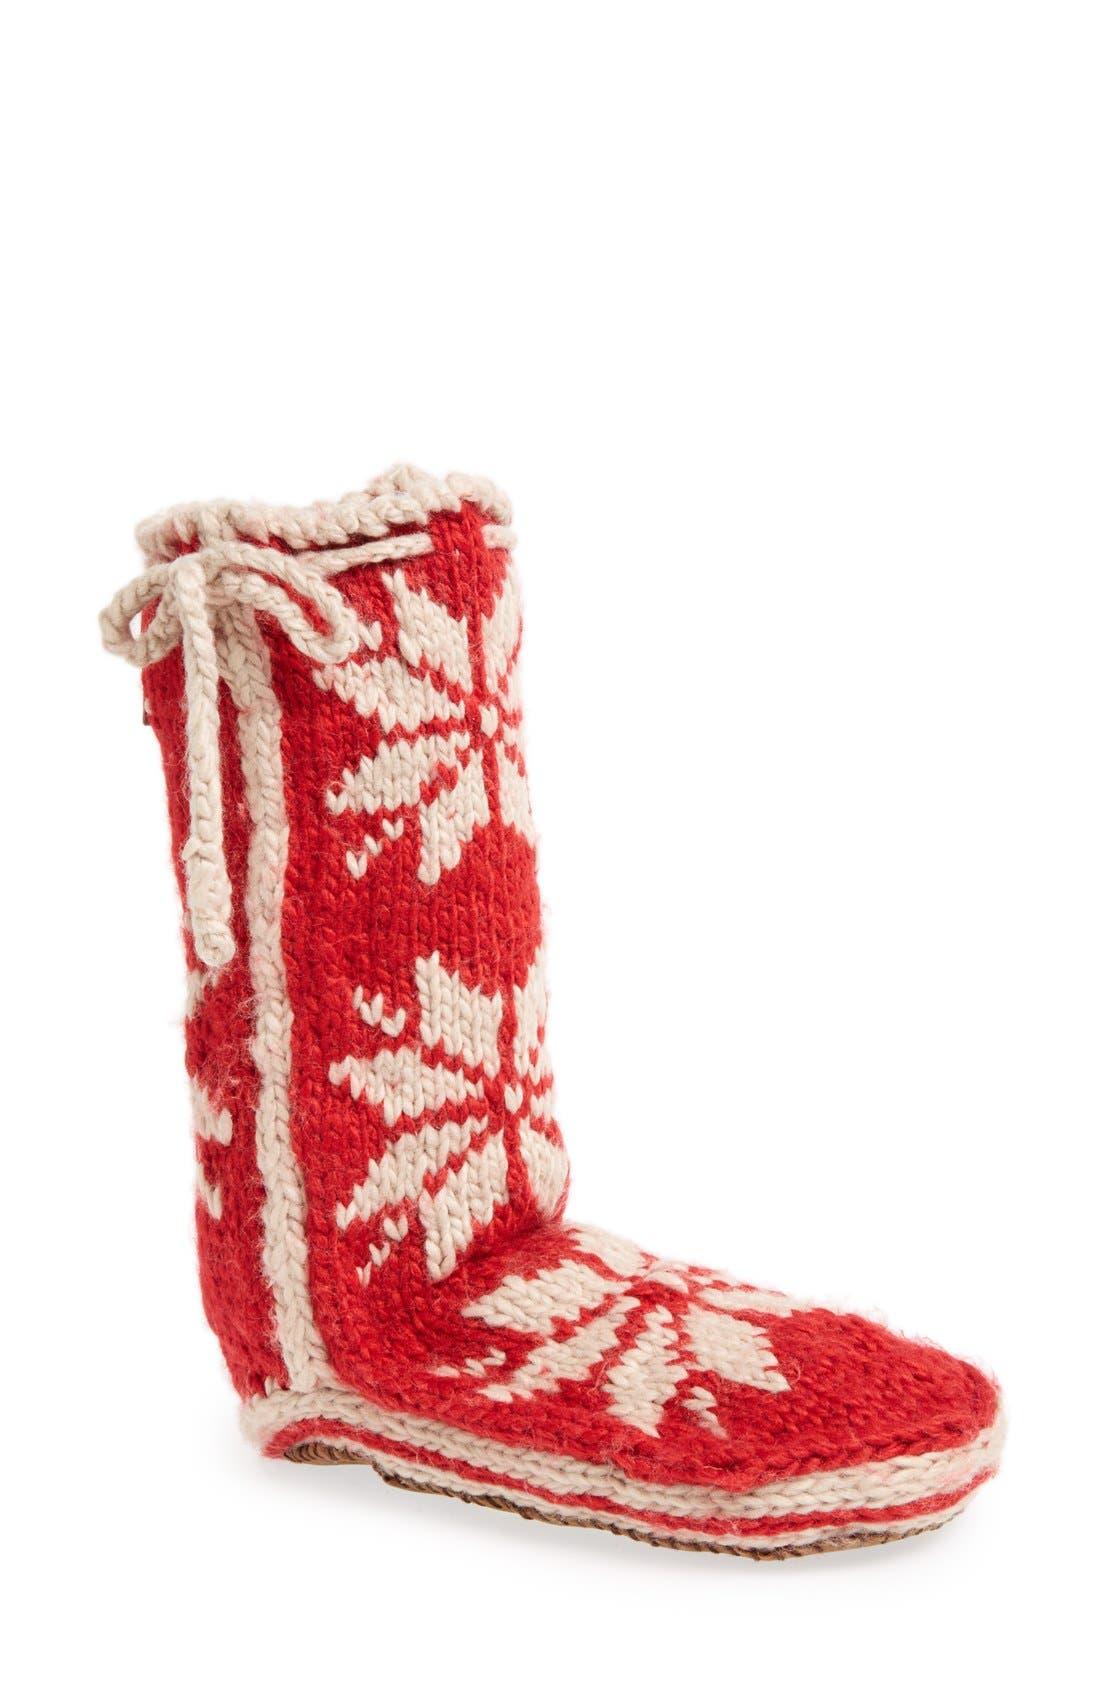 Main Image - Woolrich 'Chalet' Socks (Women)